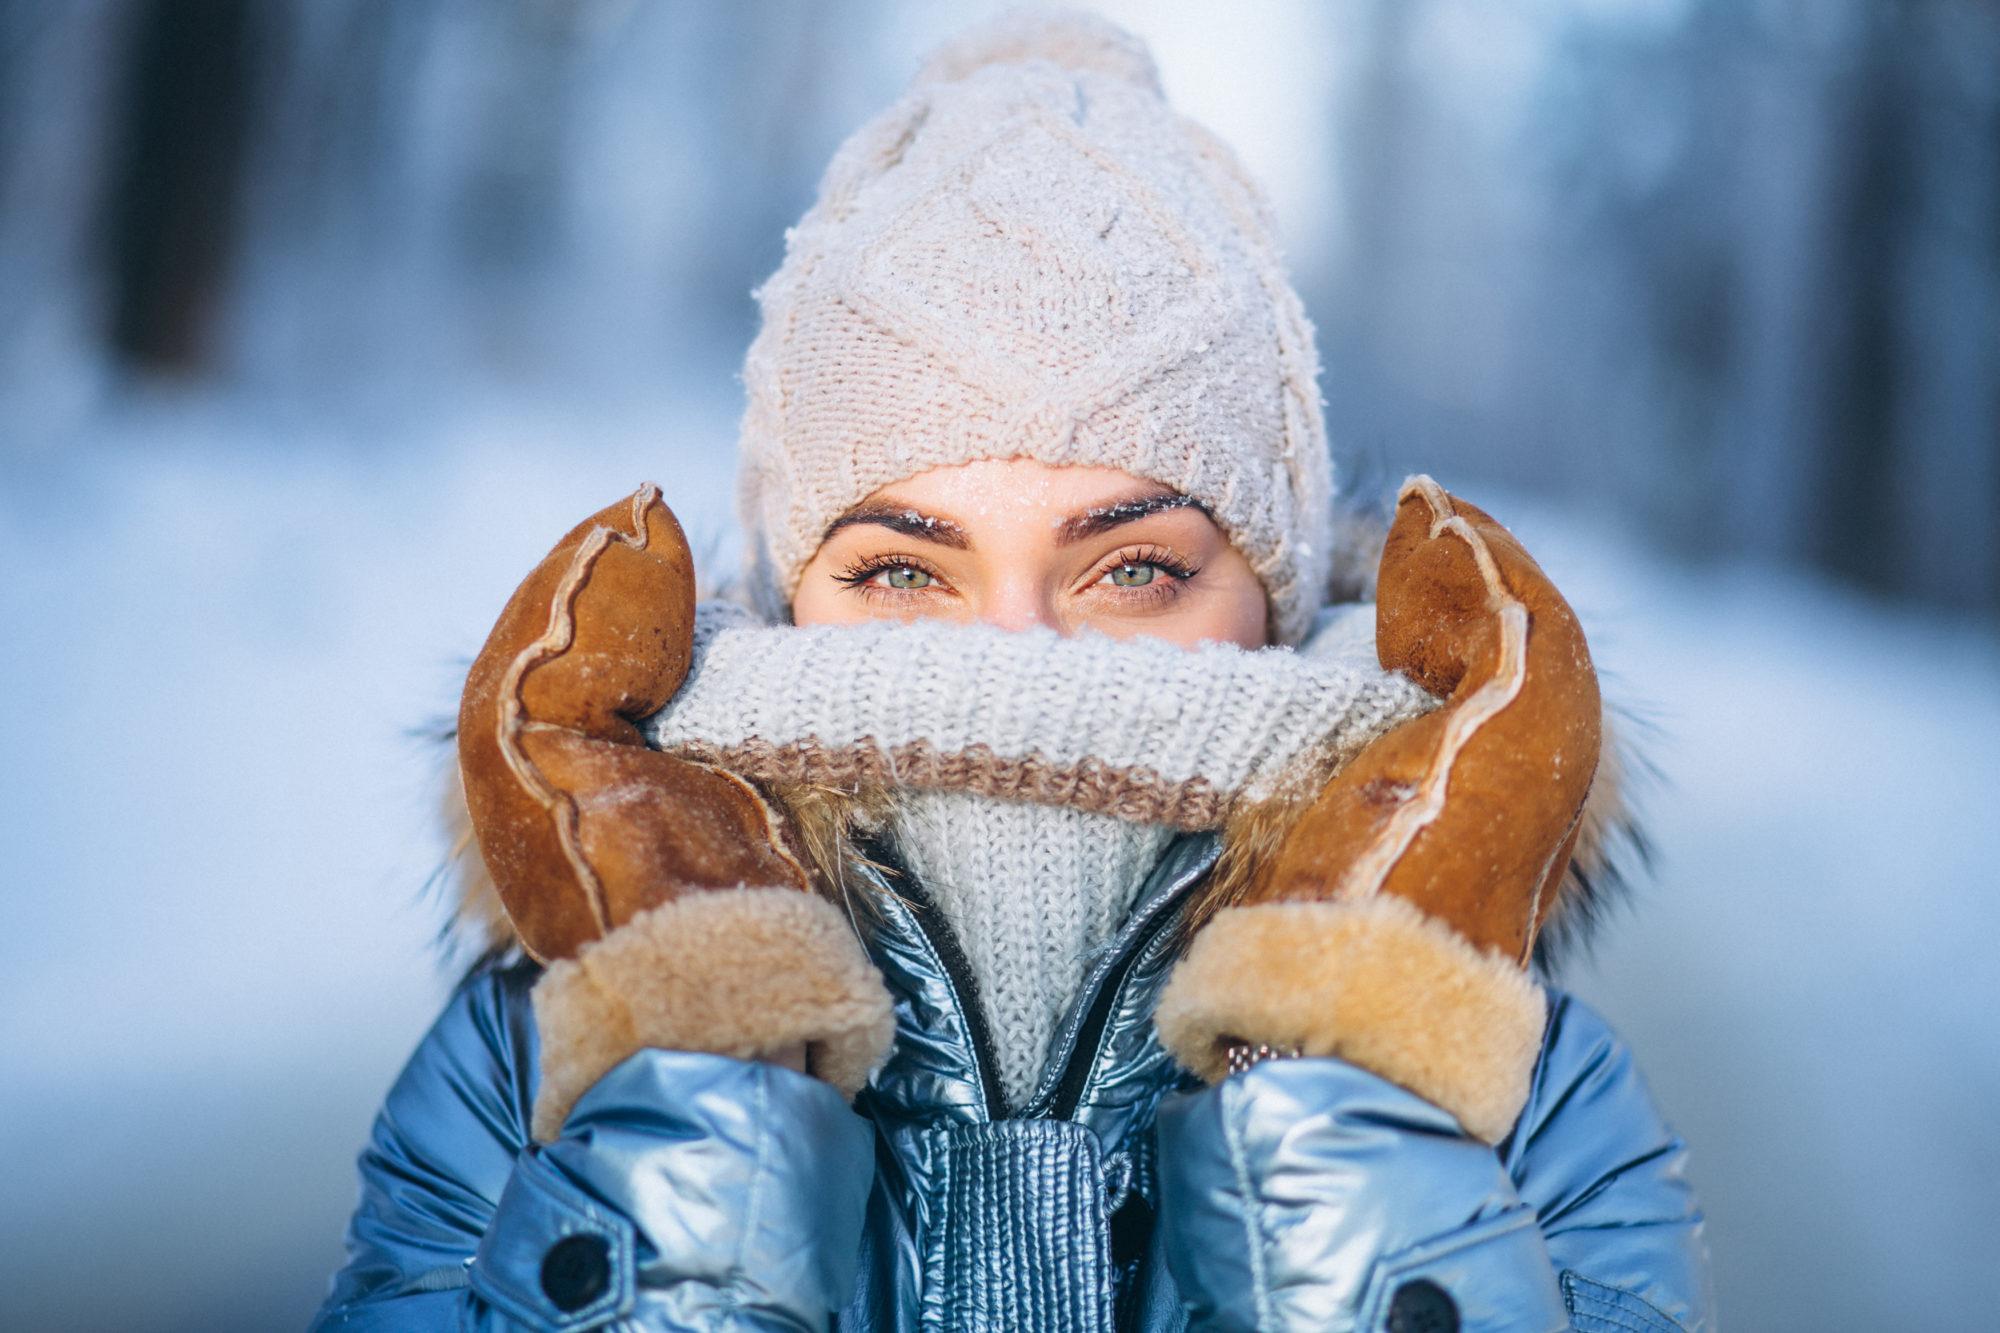 На Київщину 8 січня чекає похмура погода без опадів - прогноз погоди, погода - 08 pogoda3 2000x1333